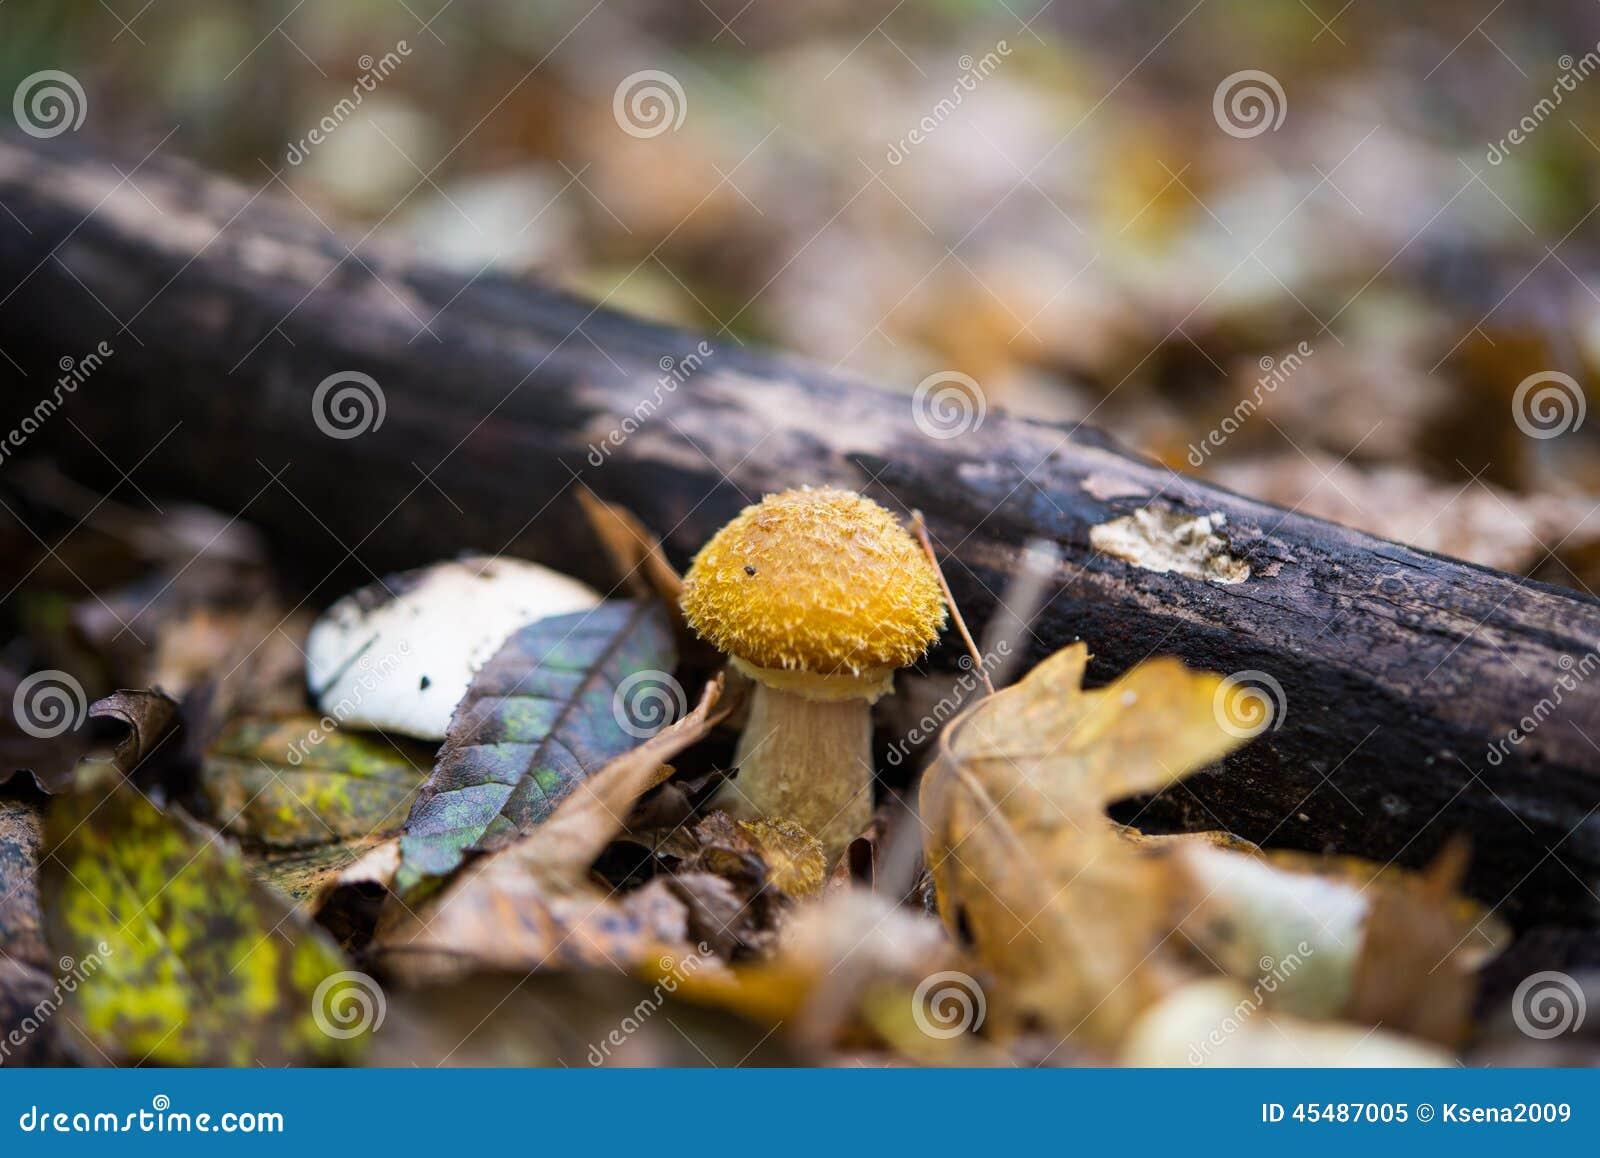 蜂蜜伞菌蘑菇